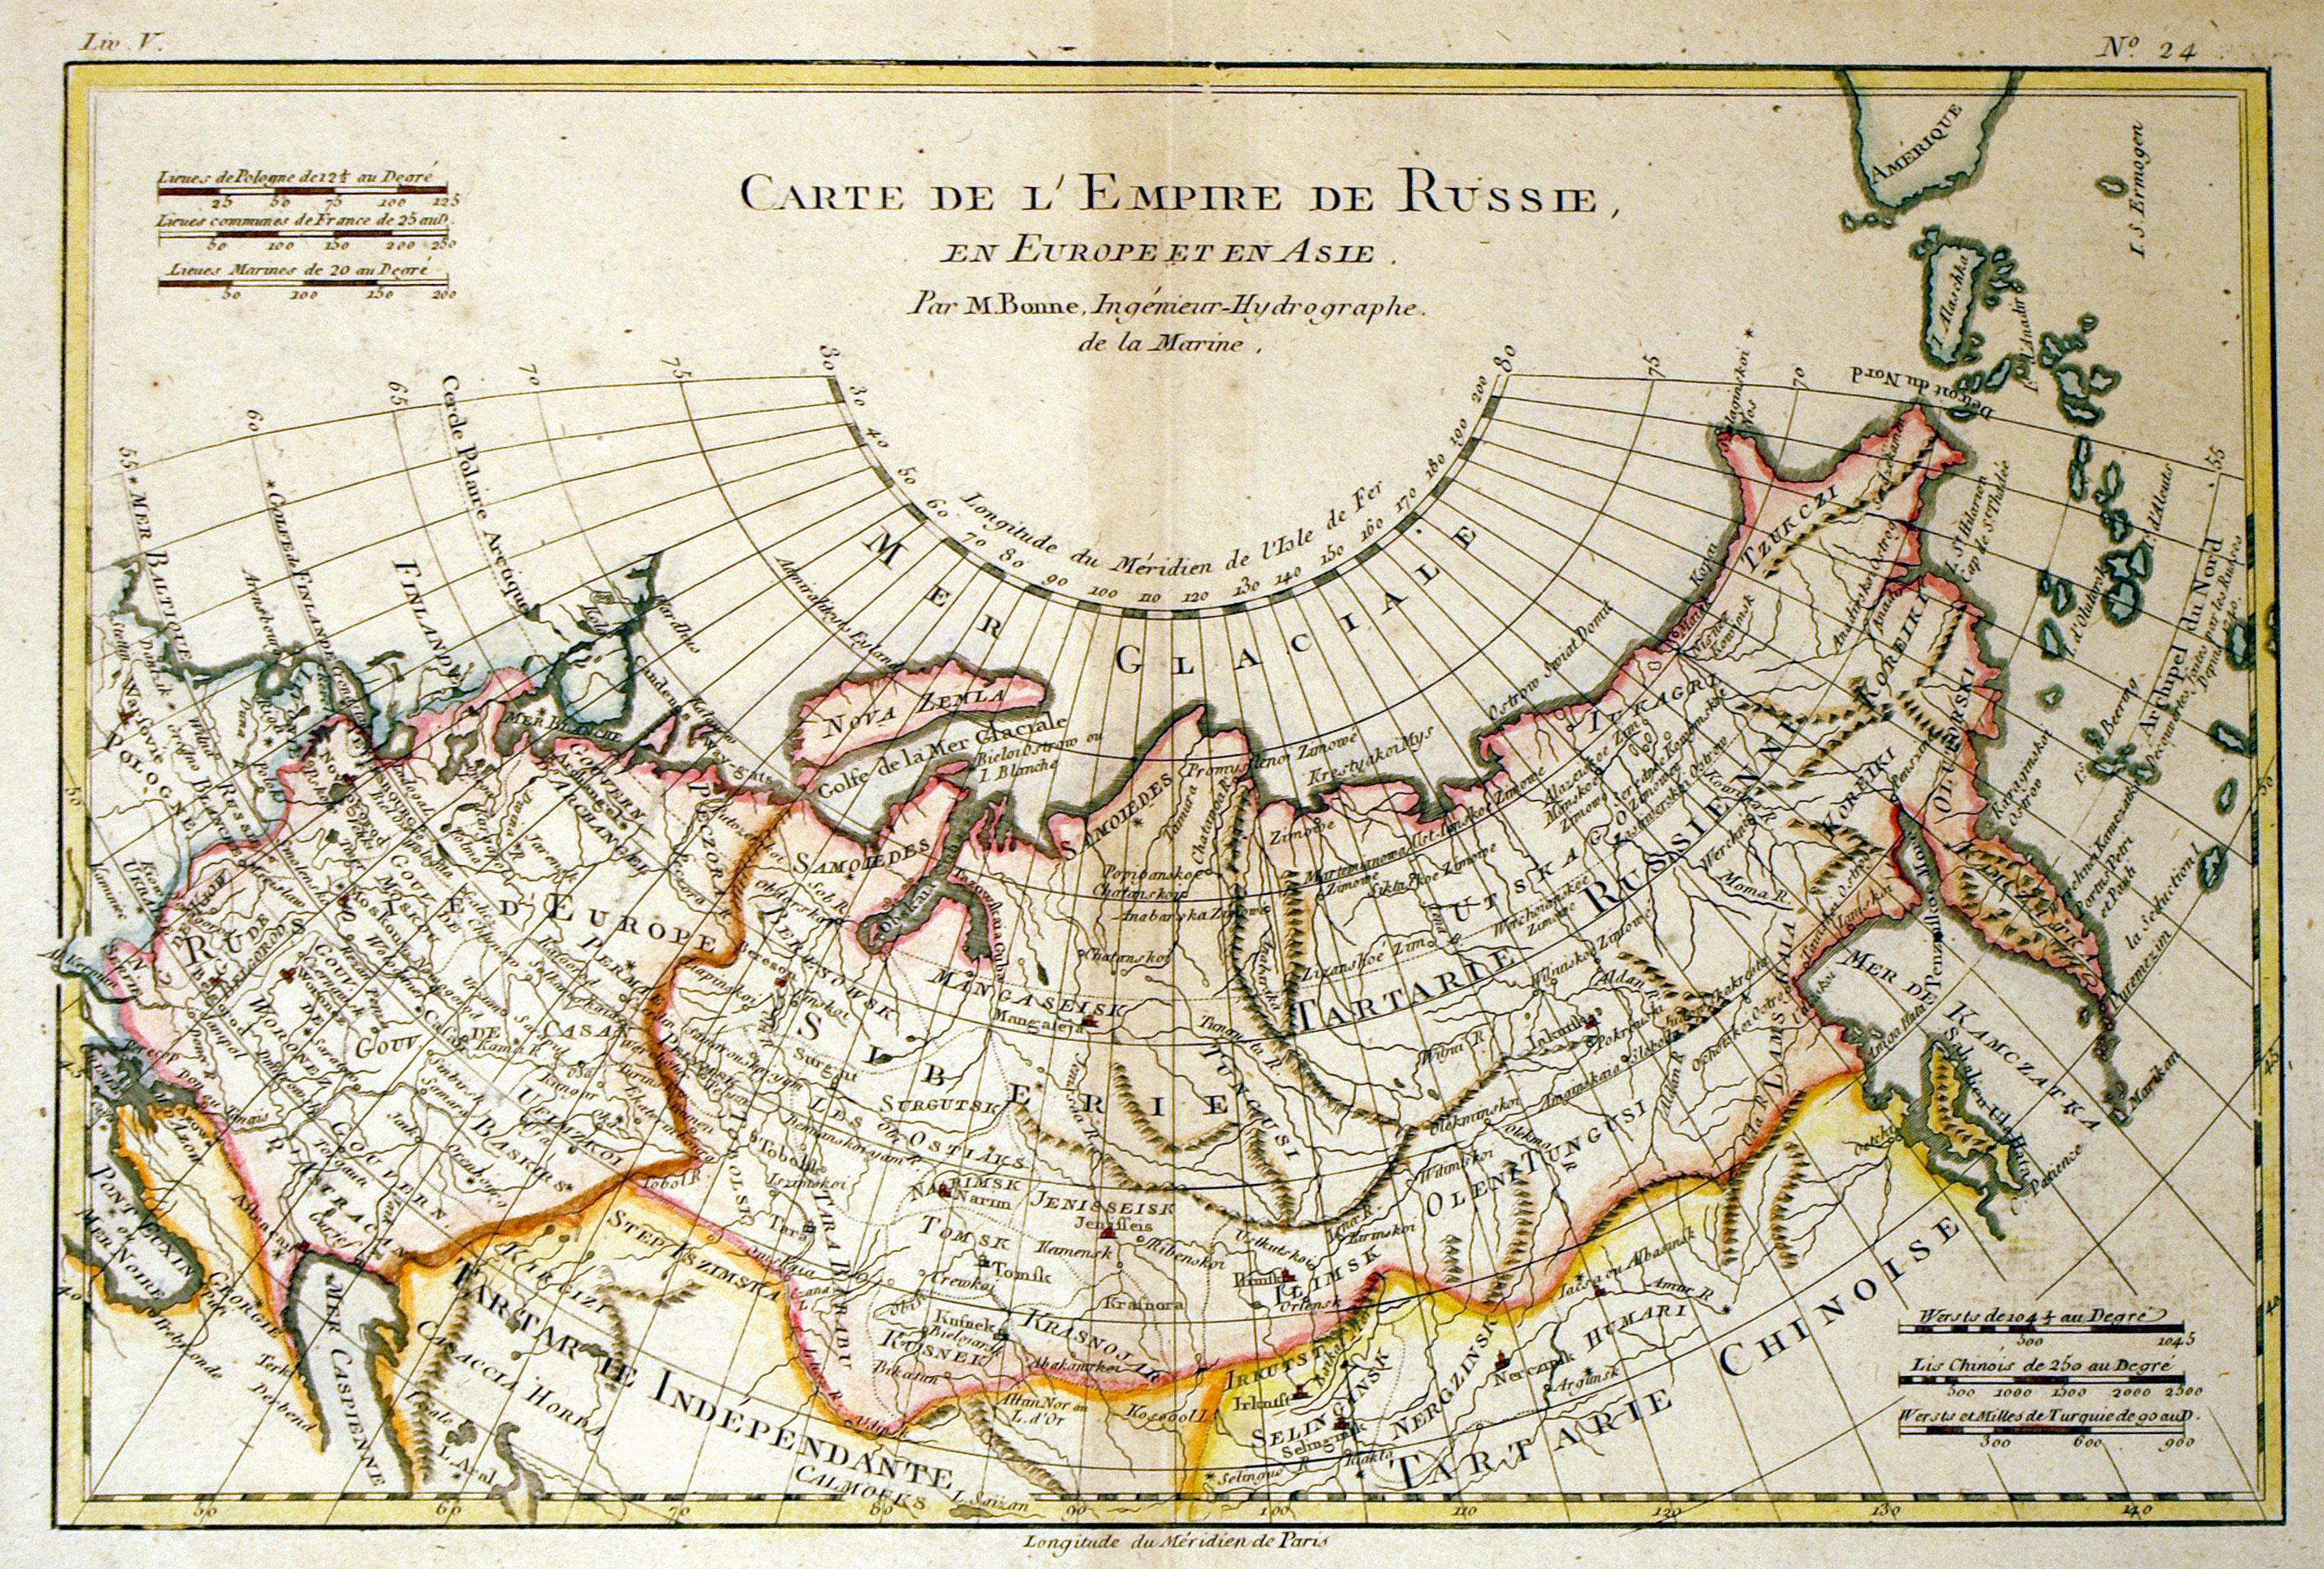 Carte de lempire de russie 1780 bonne russian empire m 904 carte de lempire de russie 1780 bonne russian empire gumiabroncs Images